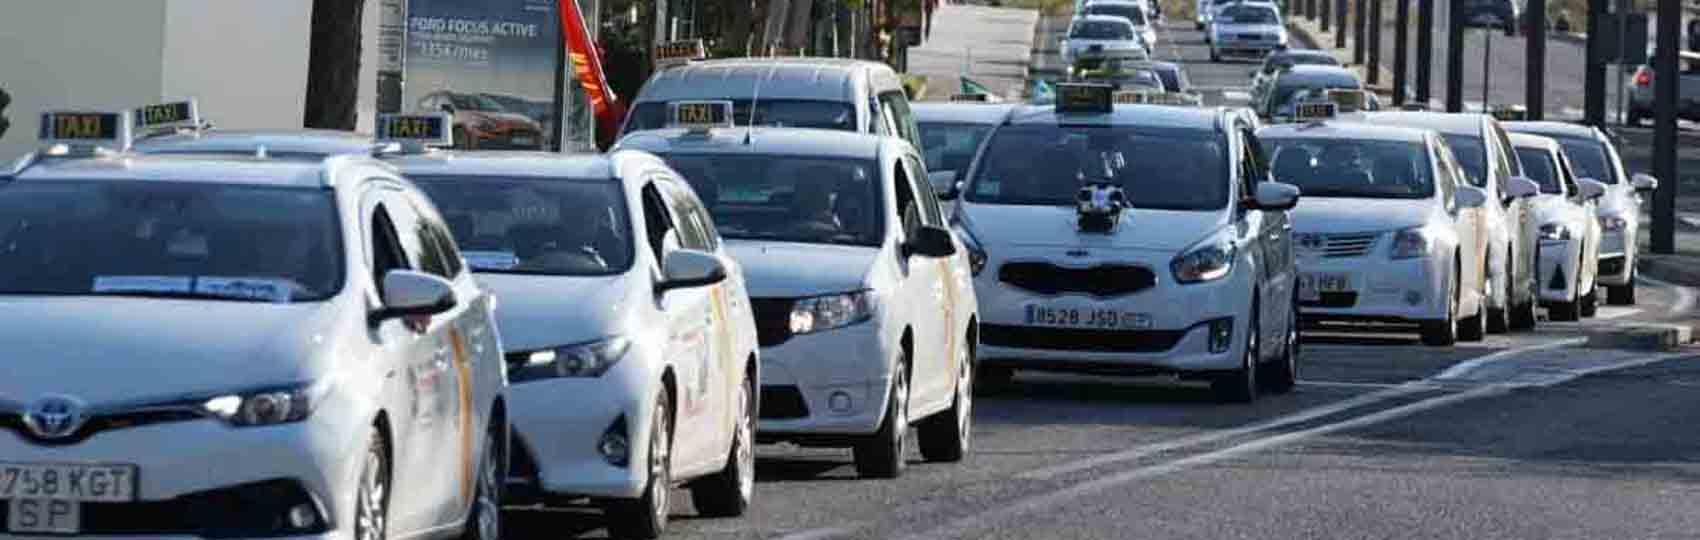 Noticias del sector del taxi y la movilidad en Córdoba. Mantente informado de todas las noticias del taxi de Córdoba en el grupo de Facebook de Todo Taxi.